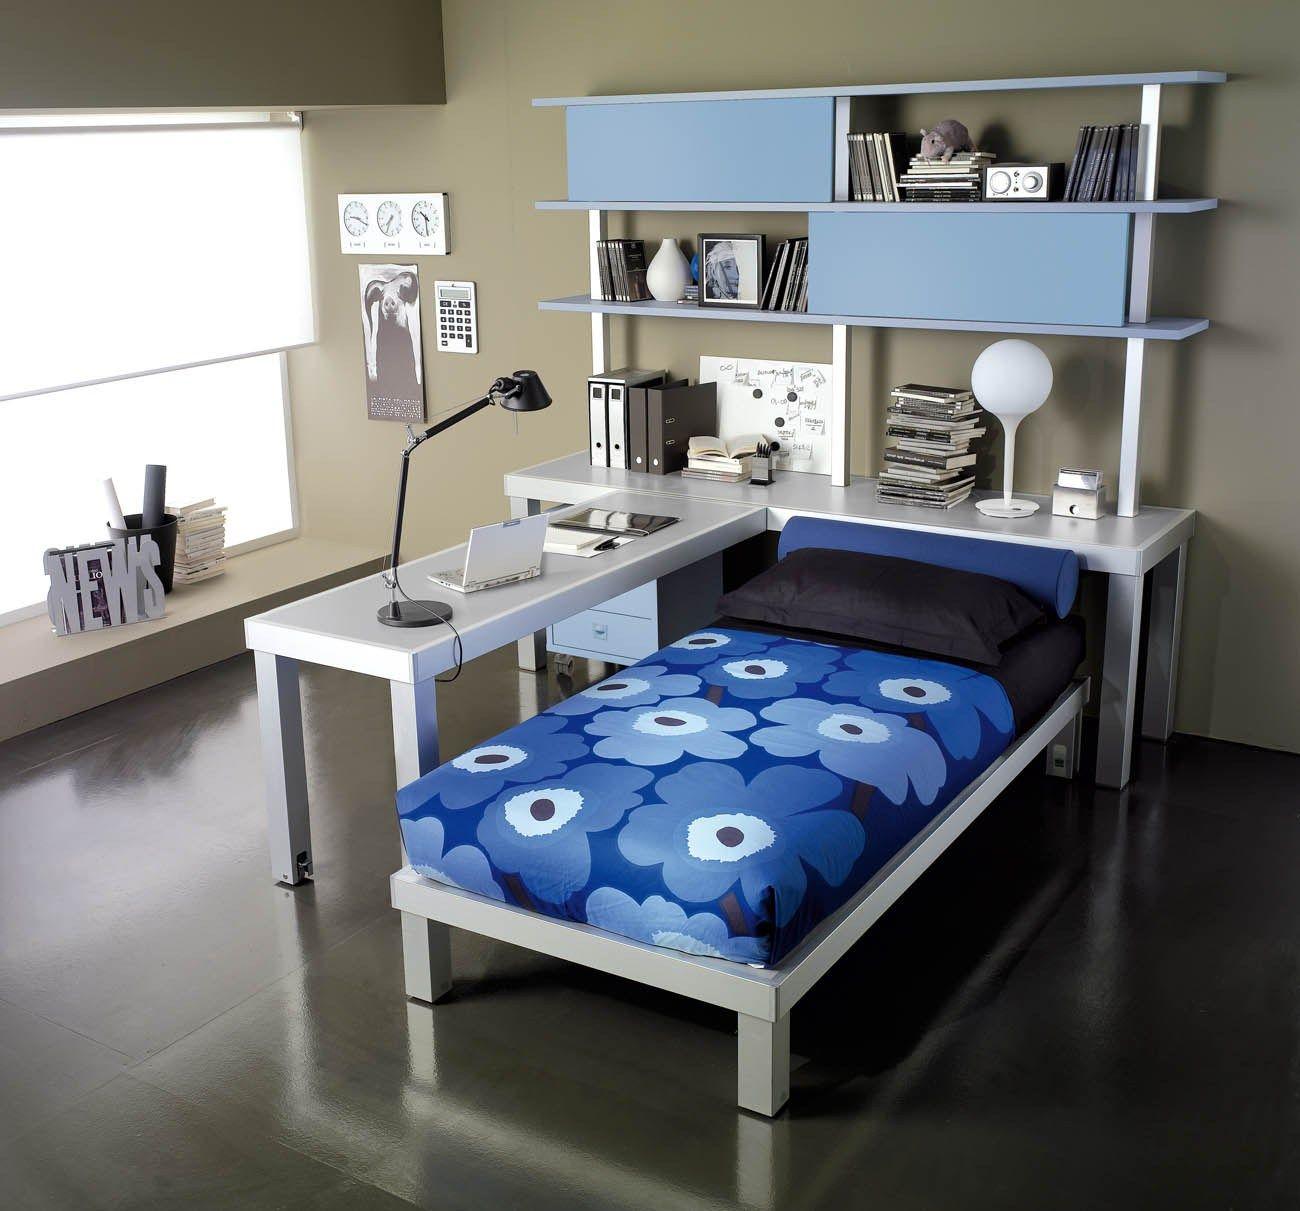 Schlafzimmer f r jugendliche tiramolla 109 kollektion for Jugendliche schlafzimmer